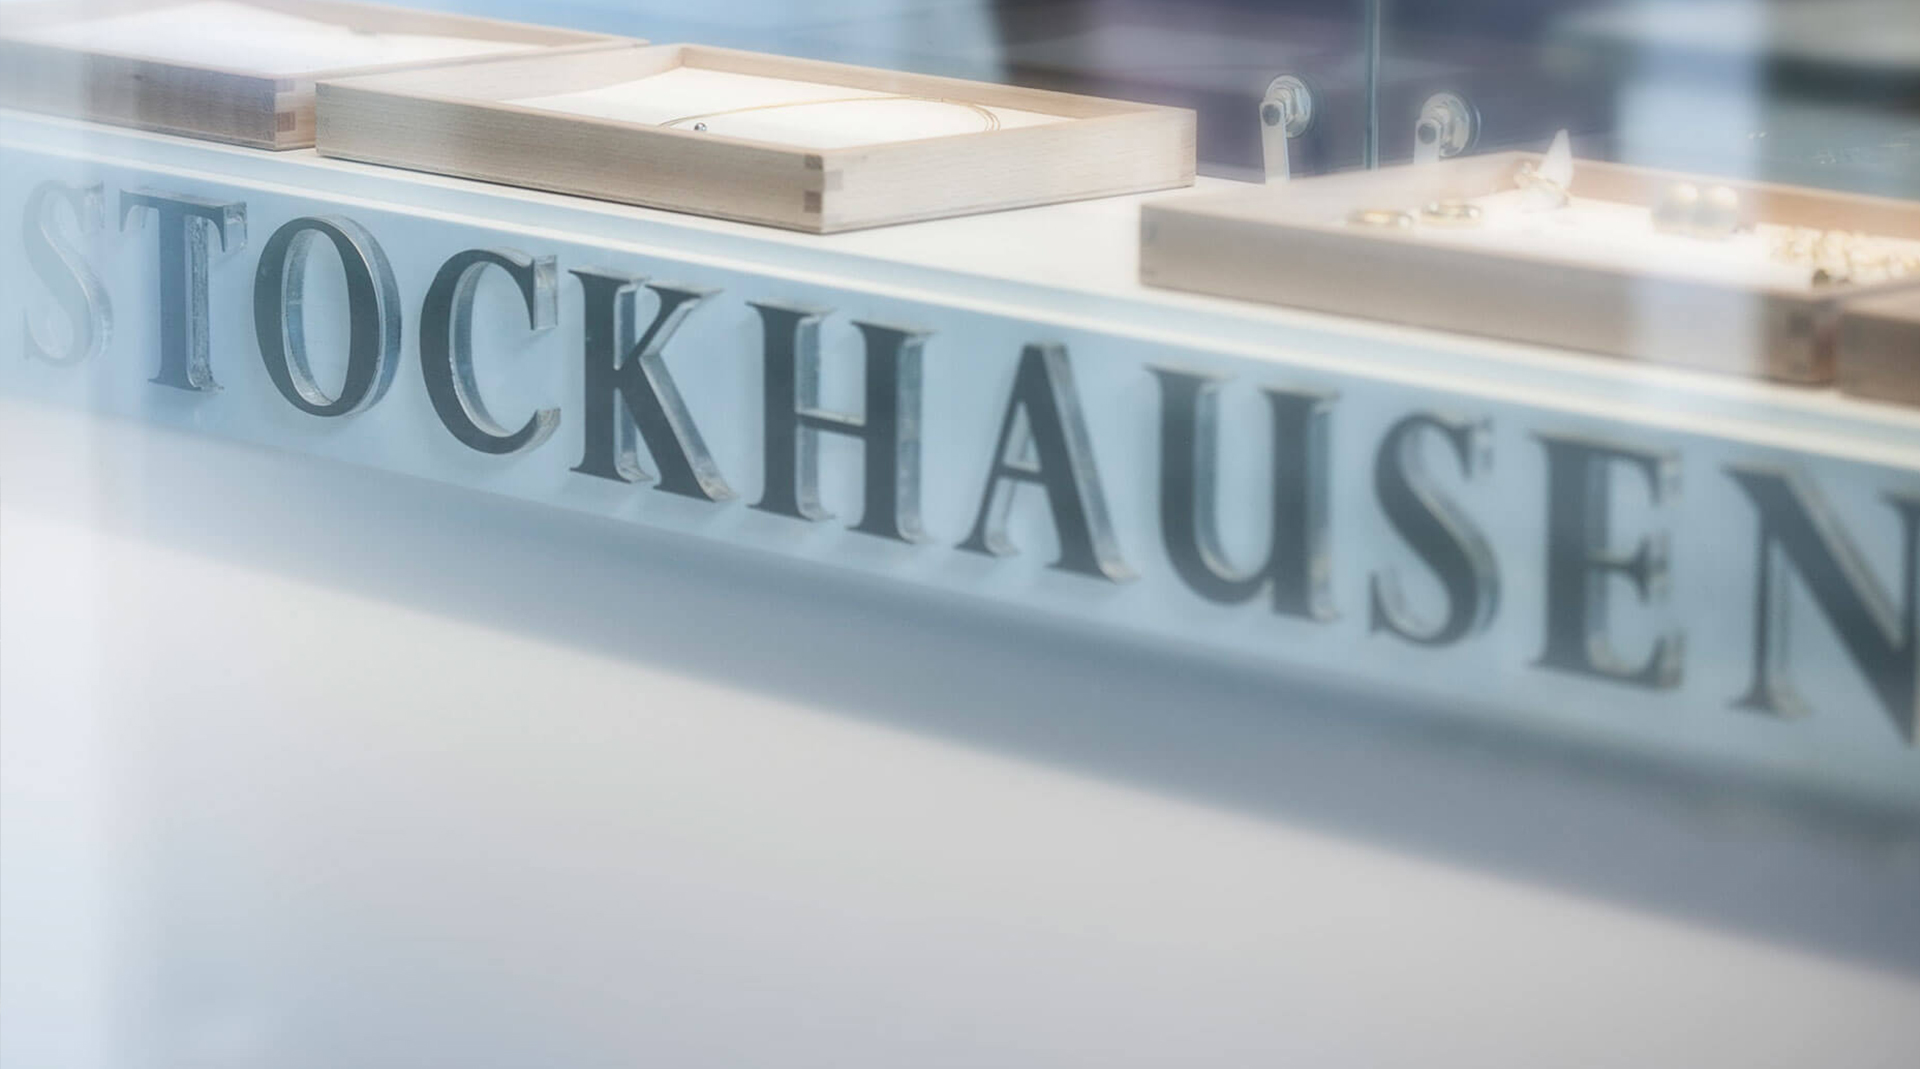 Stockhausen-mansorie